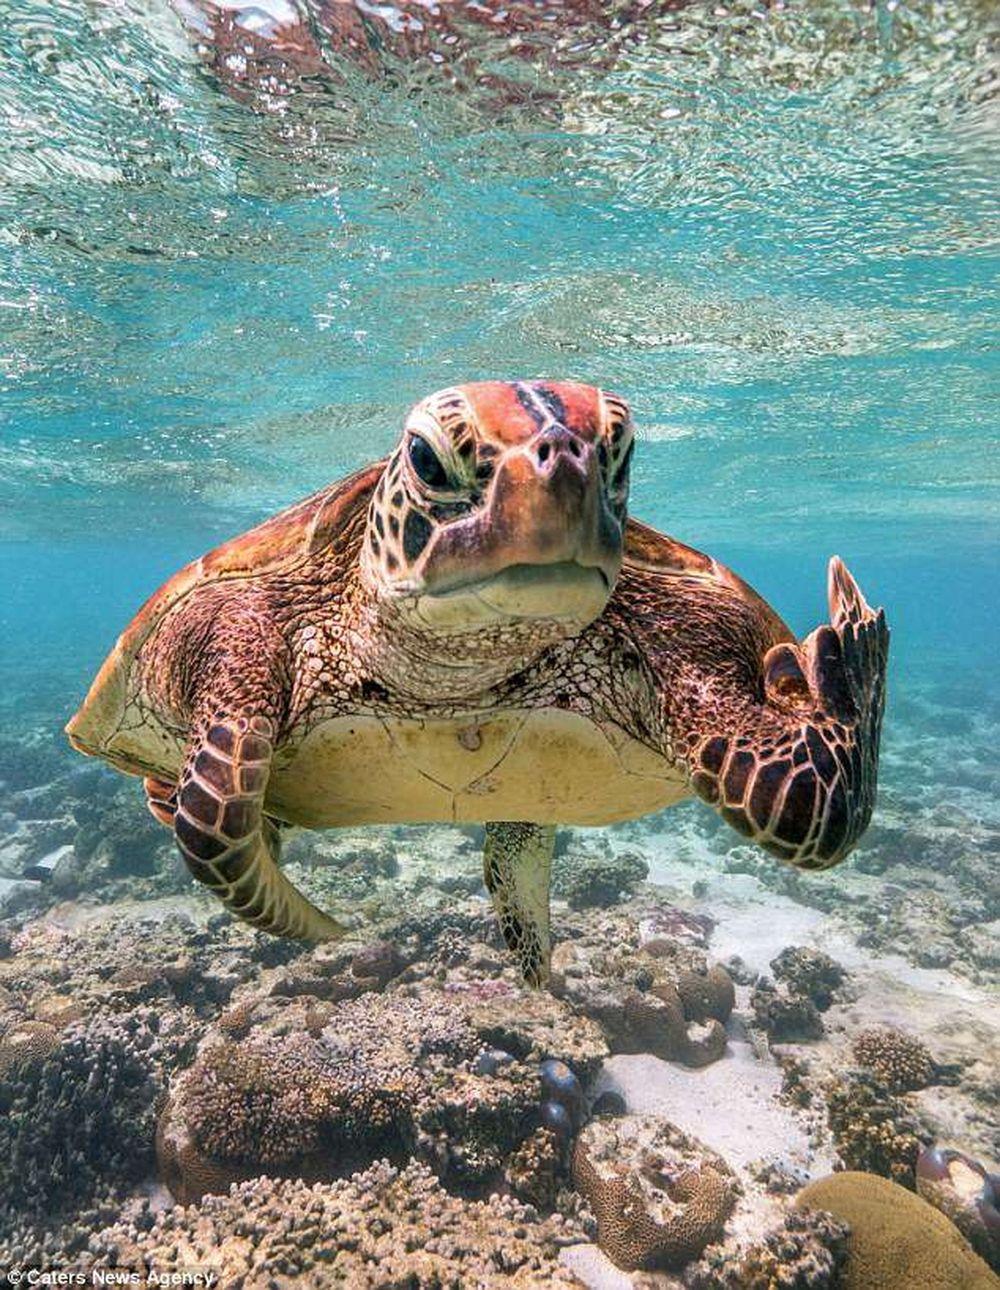 Theo chia sẻ của Mark, khi anh đang mải mê ngắm và chụp lại hình ảnh của một dải san hô khá đẹp, đột nhiên một con rùa biển bơi đến và ...